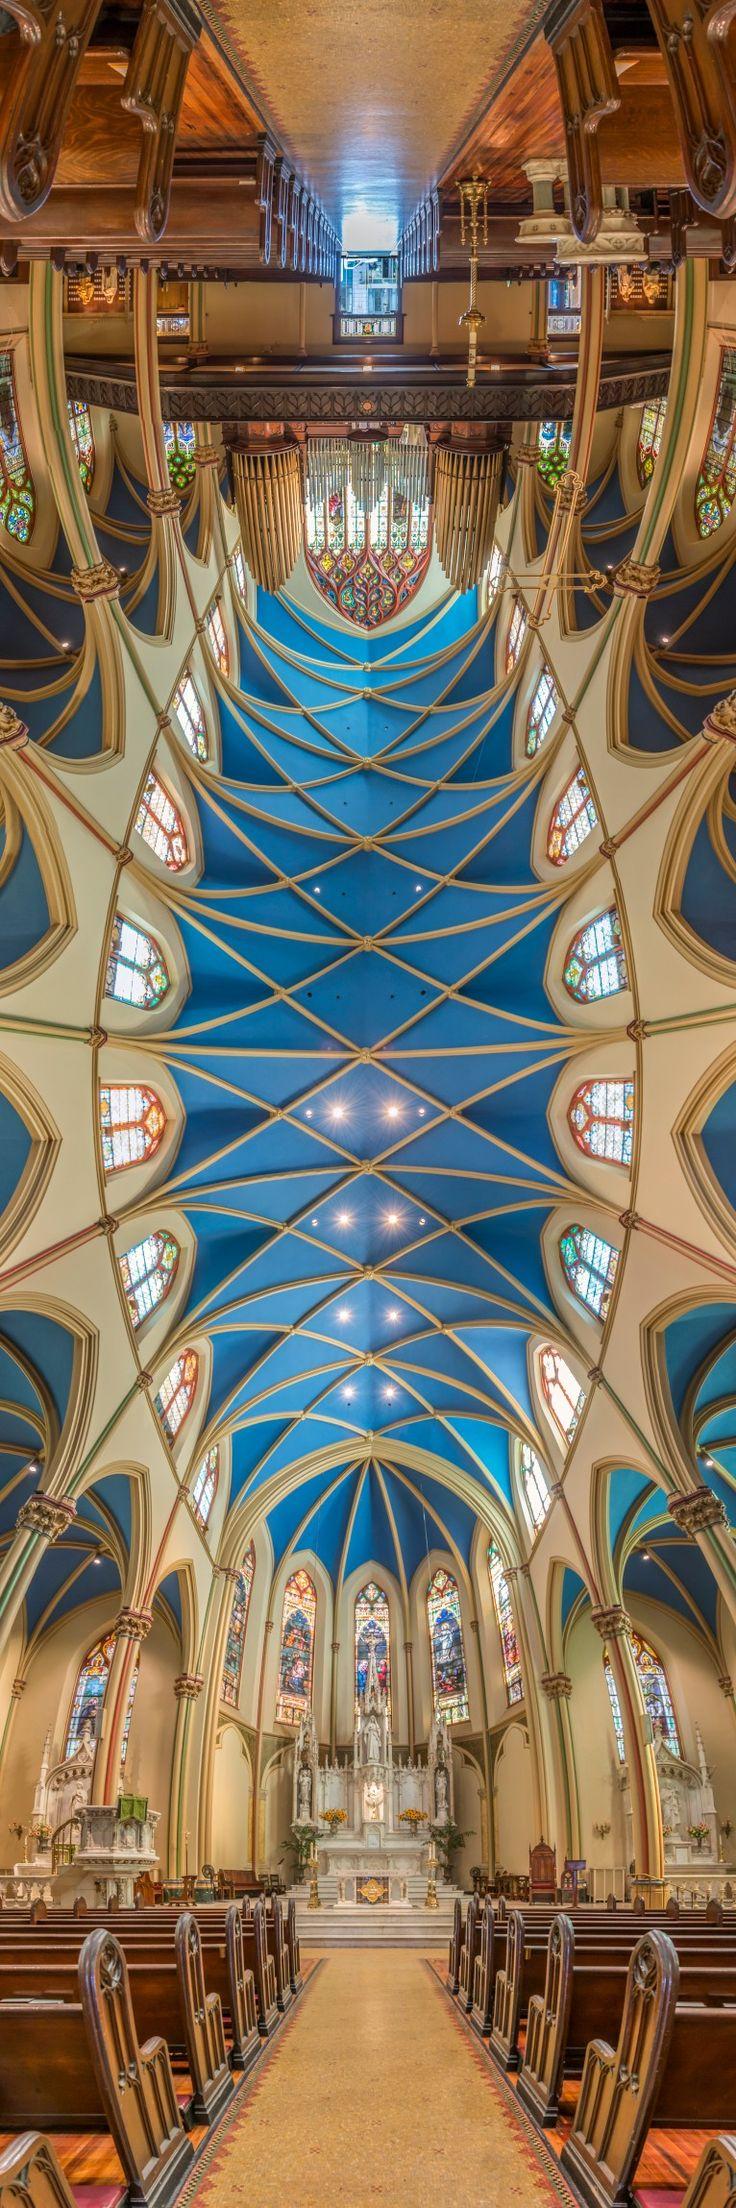 Панорамные фотографии Захват архитектурного Artistry Церквей мира